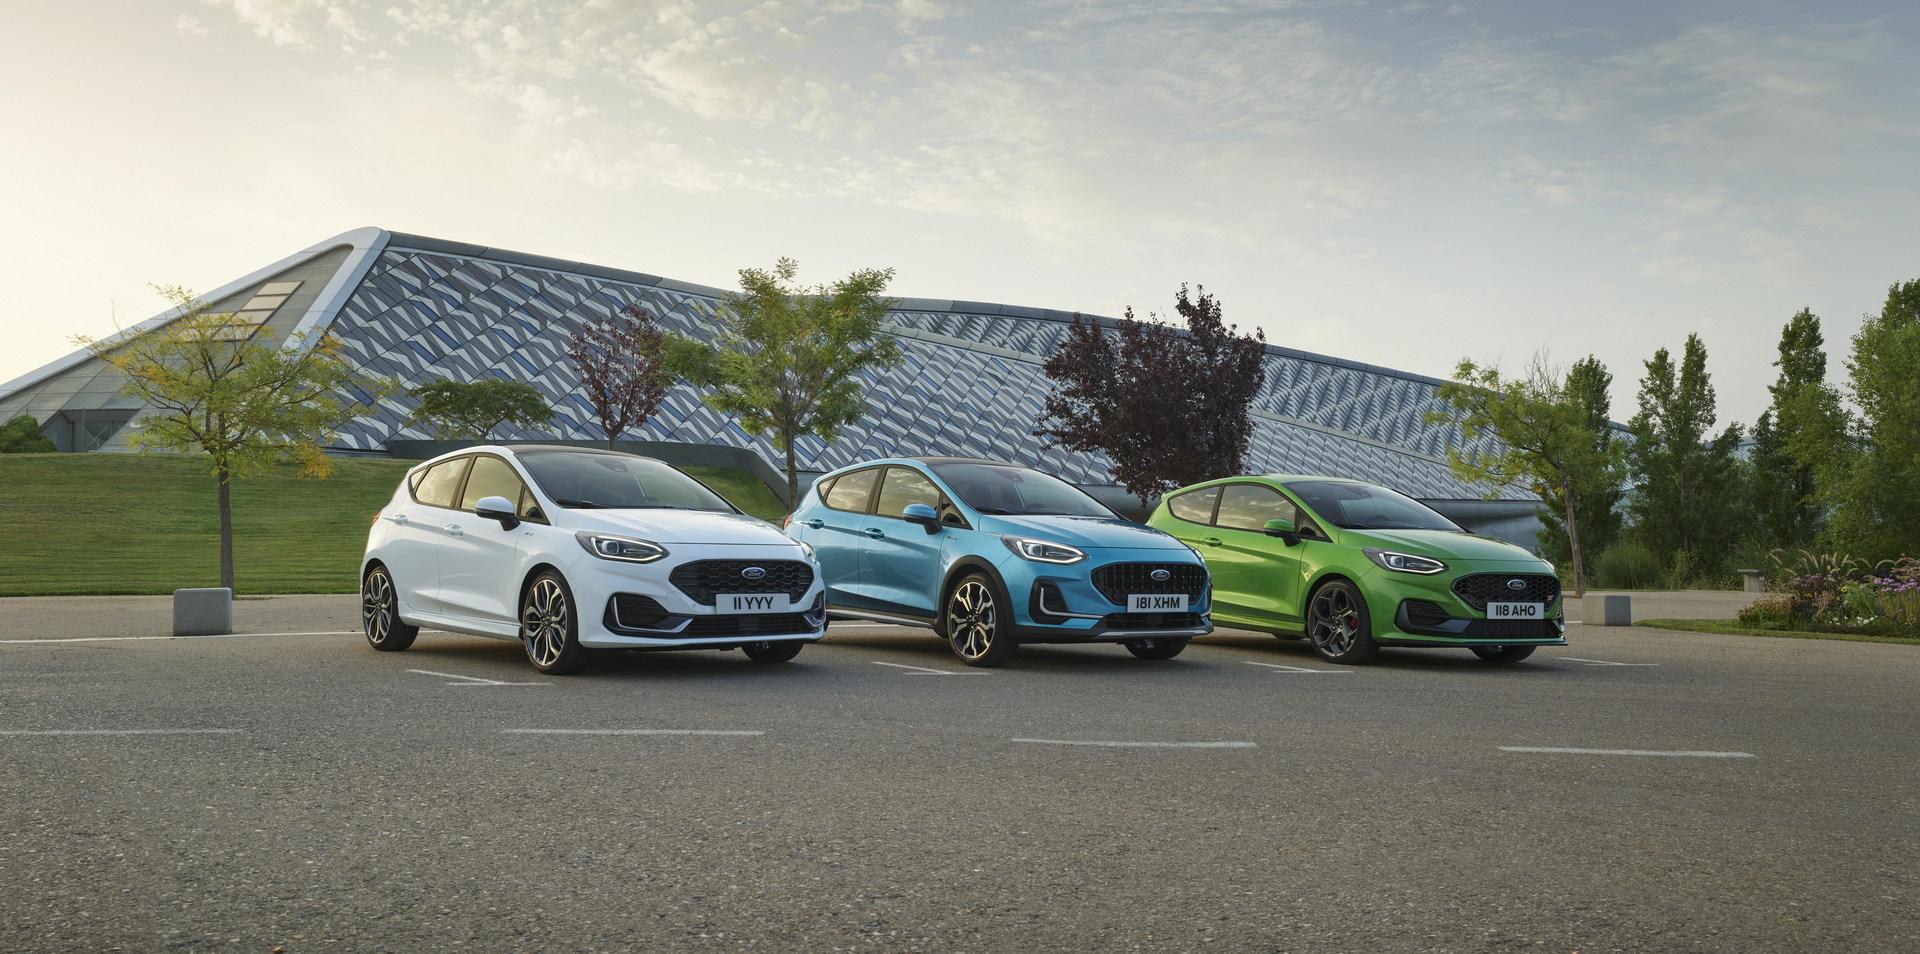 Премиера за рестилизираната Ford Fiesta / ФОТО+ВИДЕО